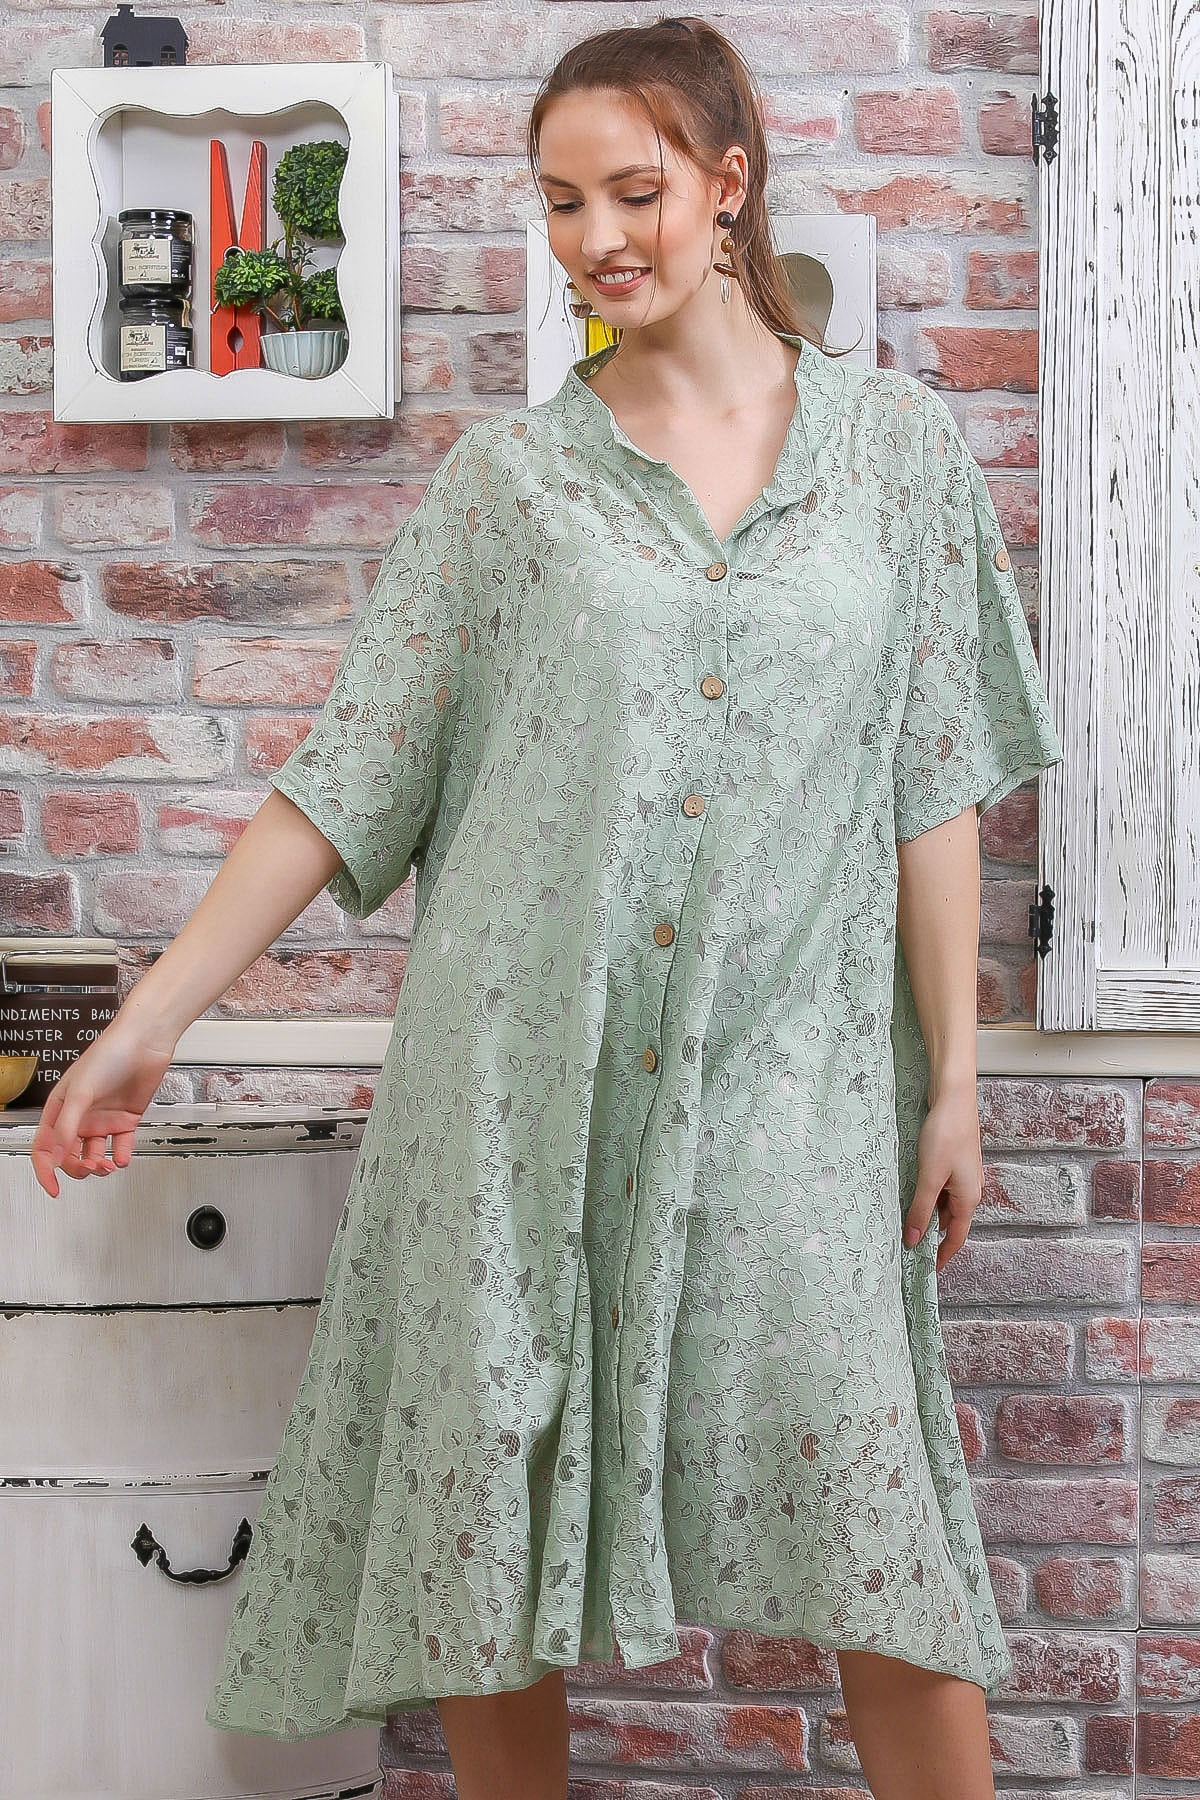 Chiccy Kadın Mint Dantel Düğme Detaylı Salaş İçi Askılı İkili Elbise M10160000EL95089